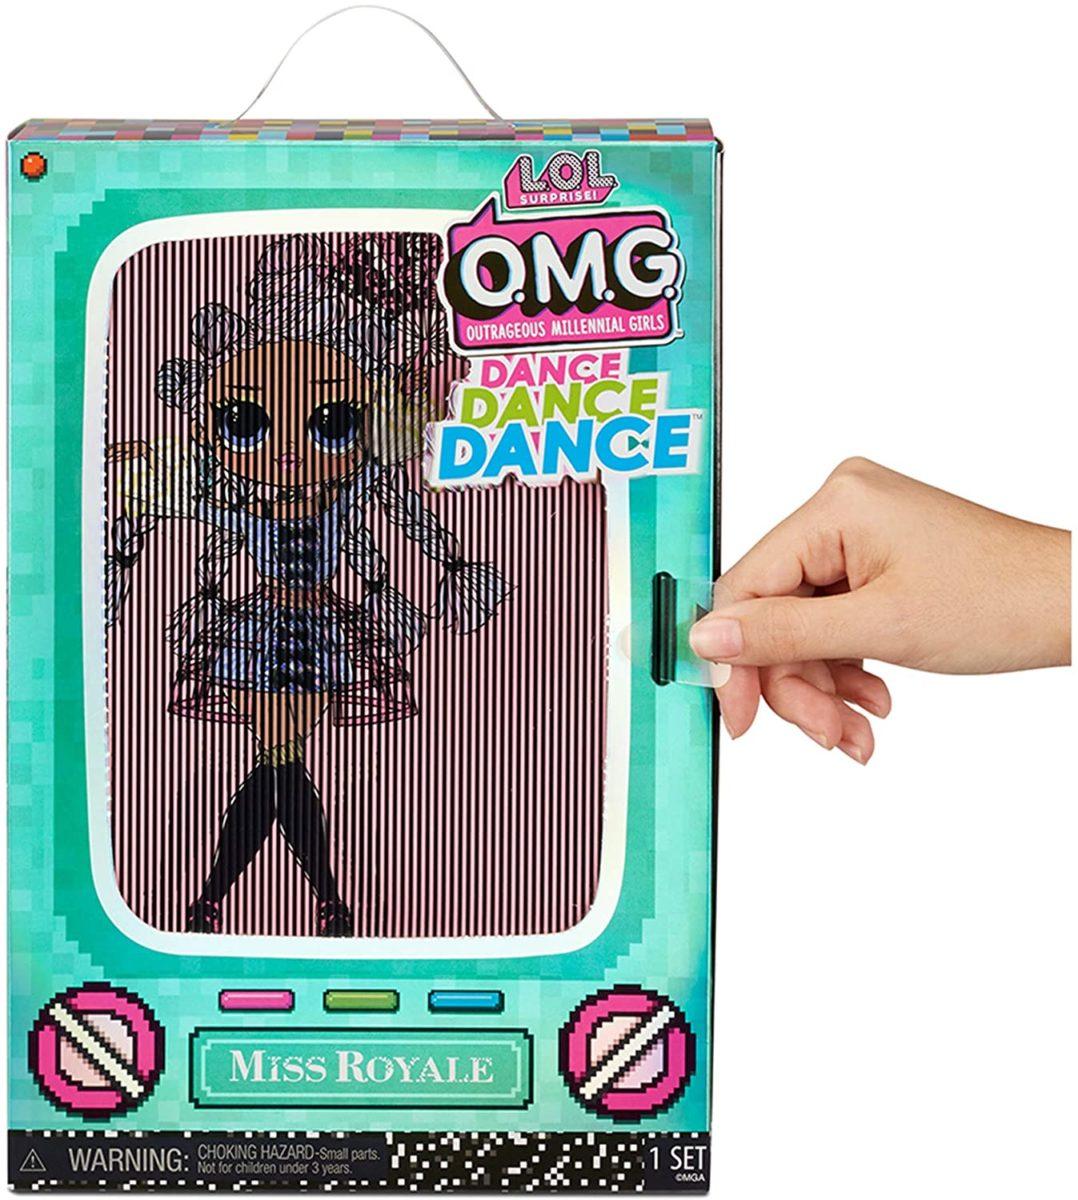 Comprar Muñeca LOL Surprise Dance Dance Dance Tentpole Colombia. 4